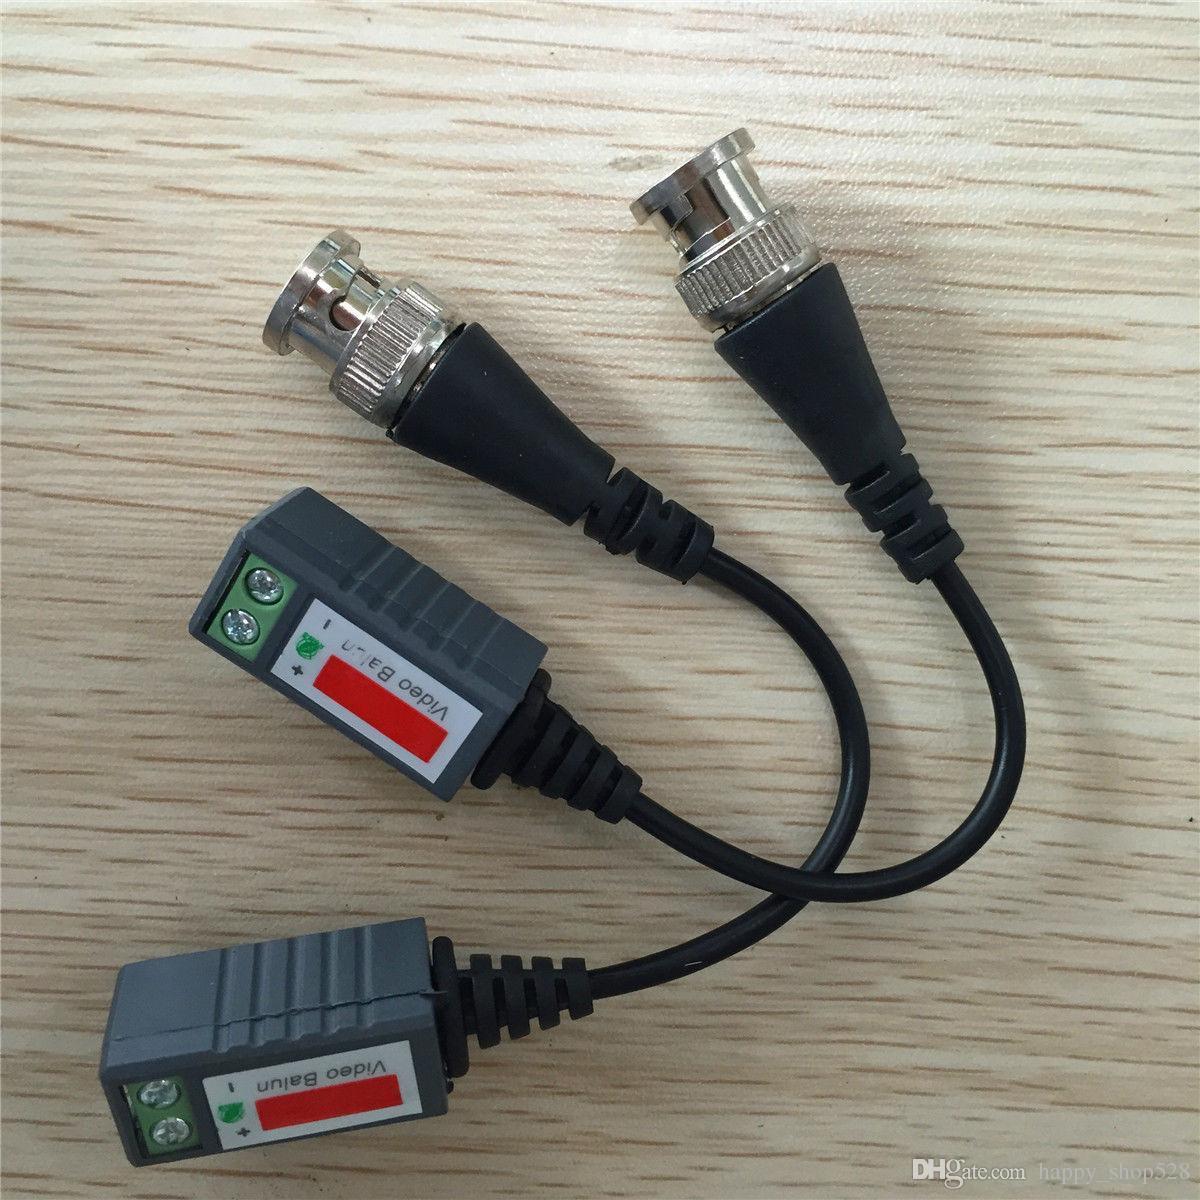 Video balun Transceiver Cable Camera CCTV BNC CAT5 Video Balun Transceiver Cable with packing FOR Camera CCTV